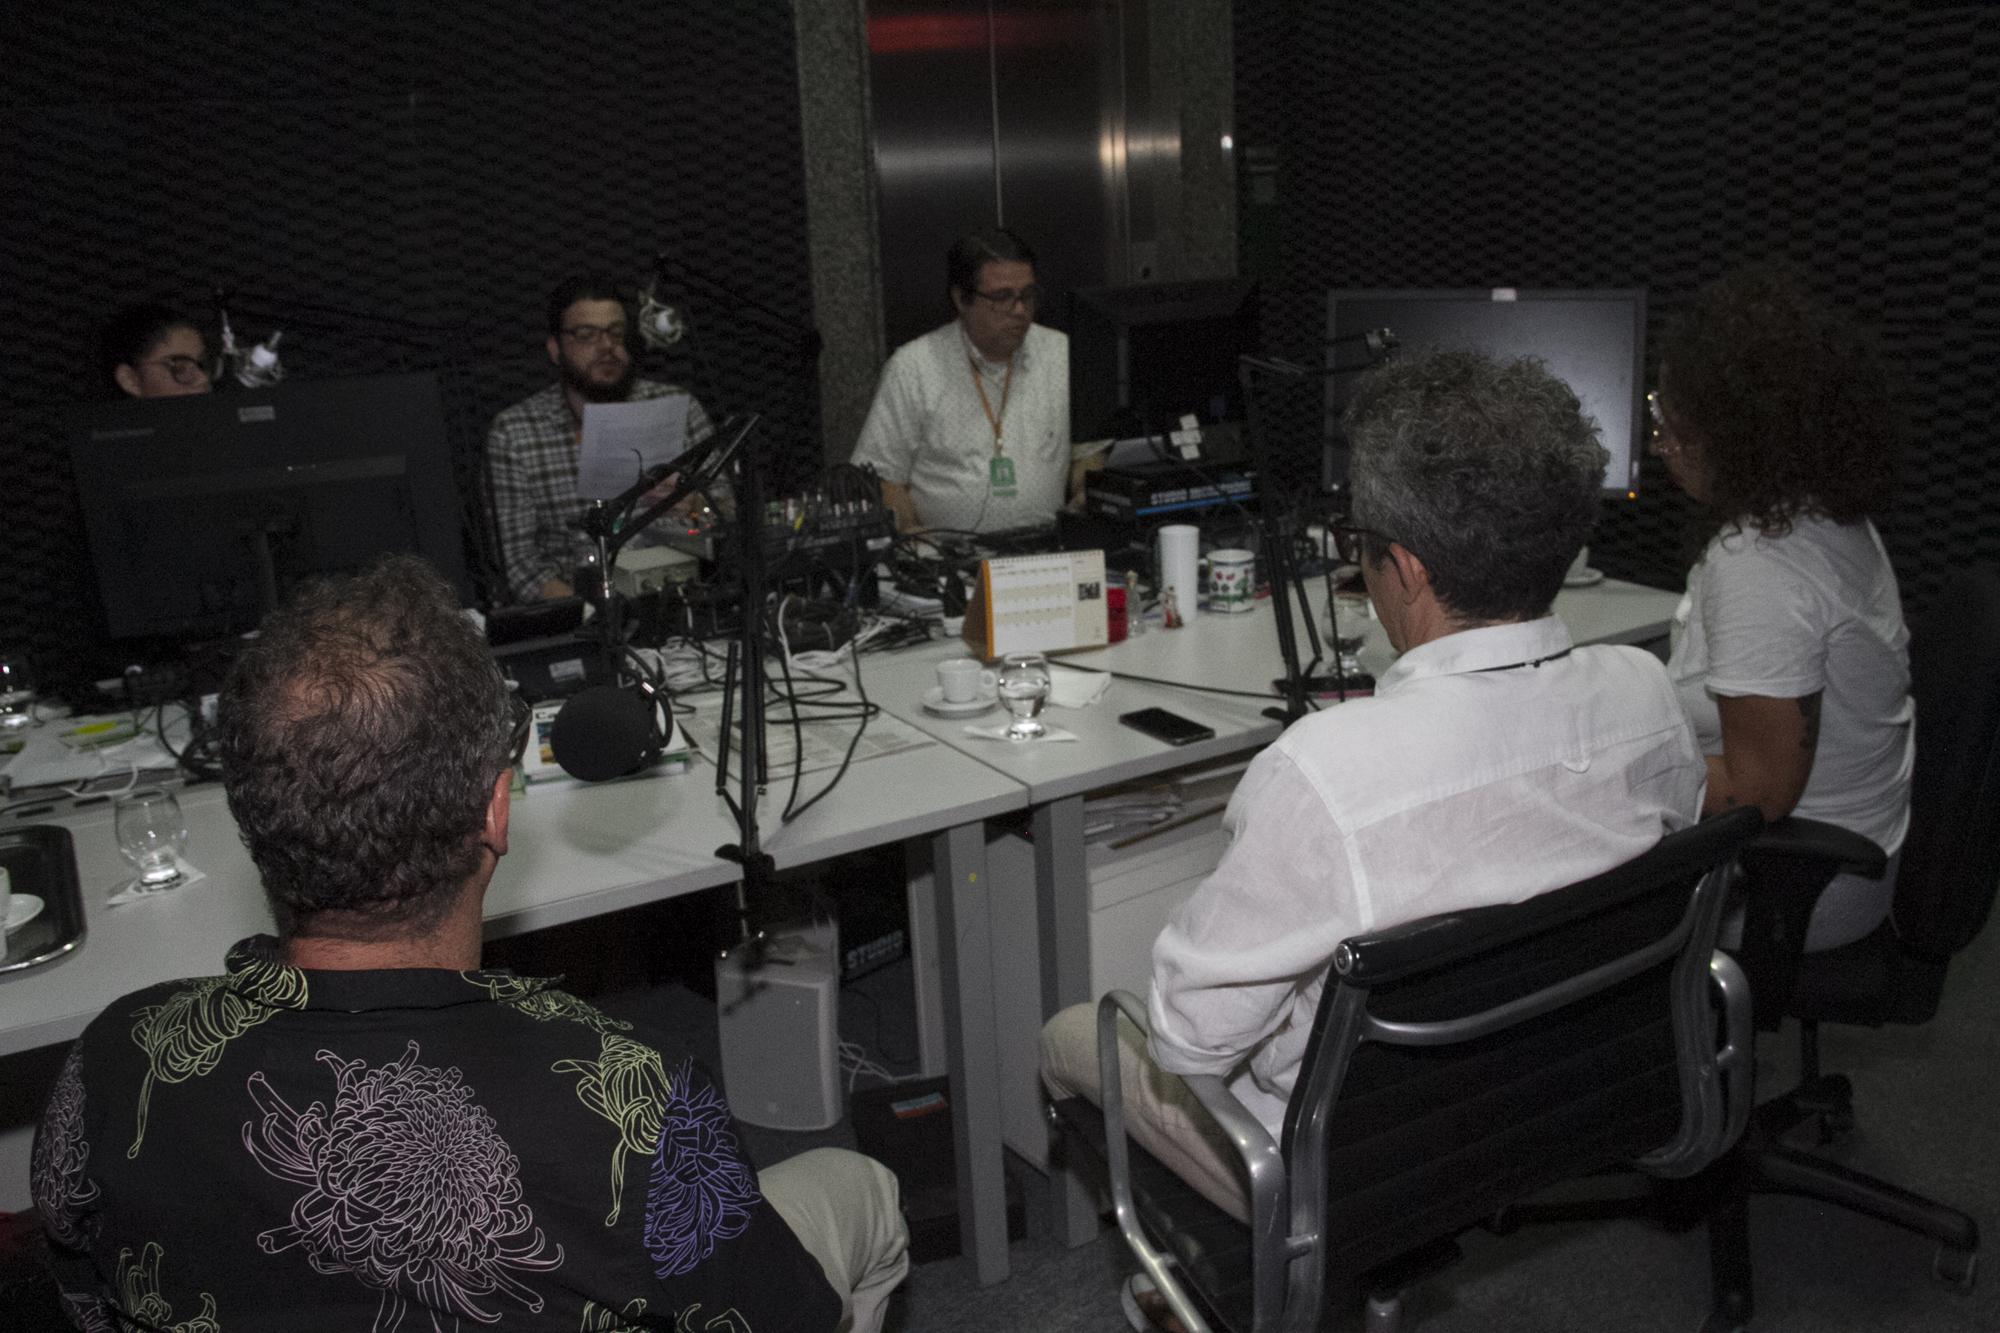 GRAVACAO DE PODCAST SOBRE CULTURA NO ESTUDIO DE RÁDIO DO PALACIO DA ABOLICAO; FOTO © CARLOS GIBAJA/ GOV DO CEARA;